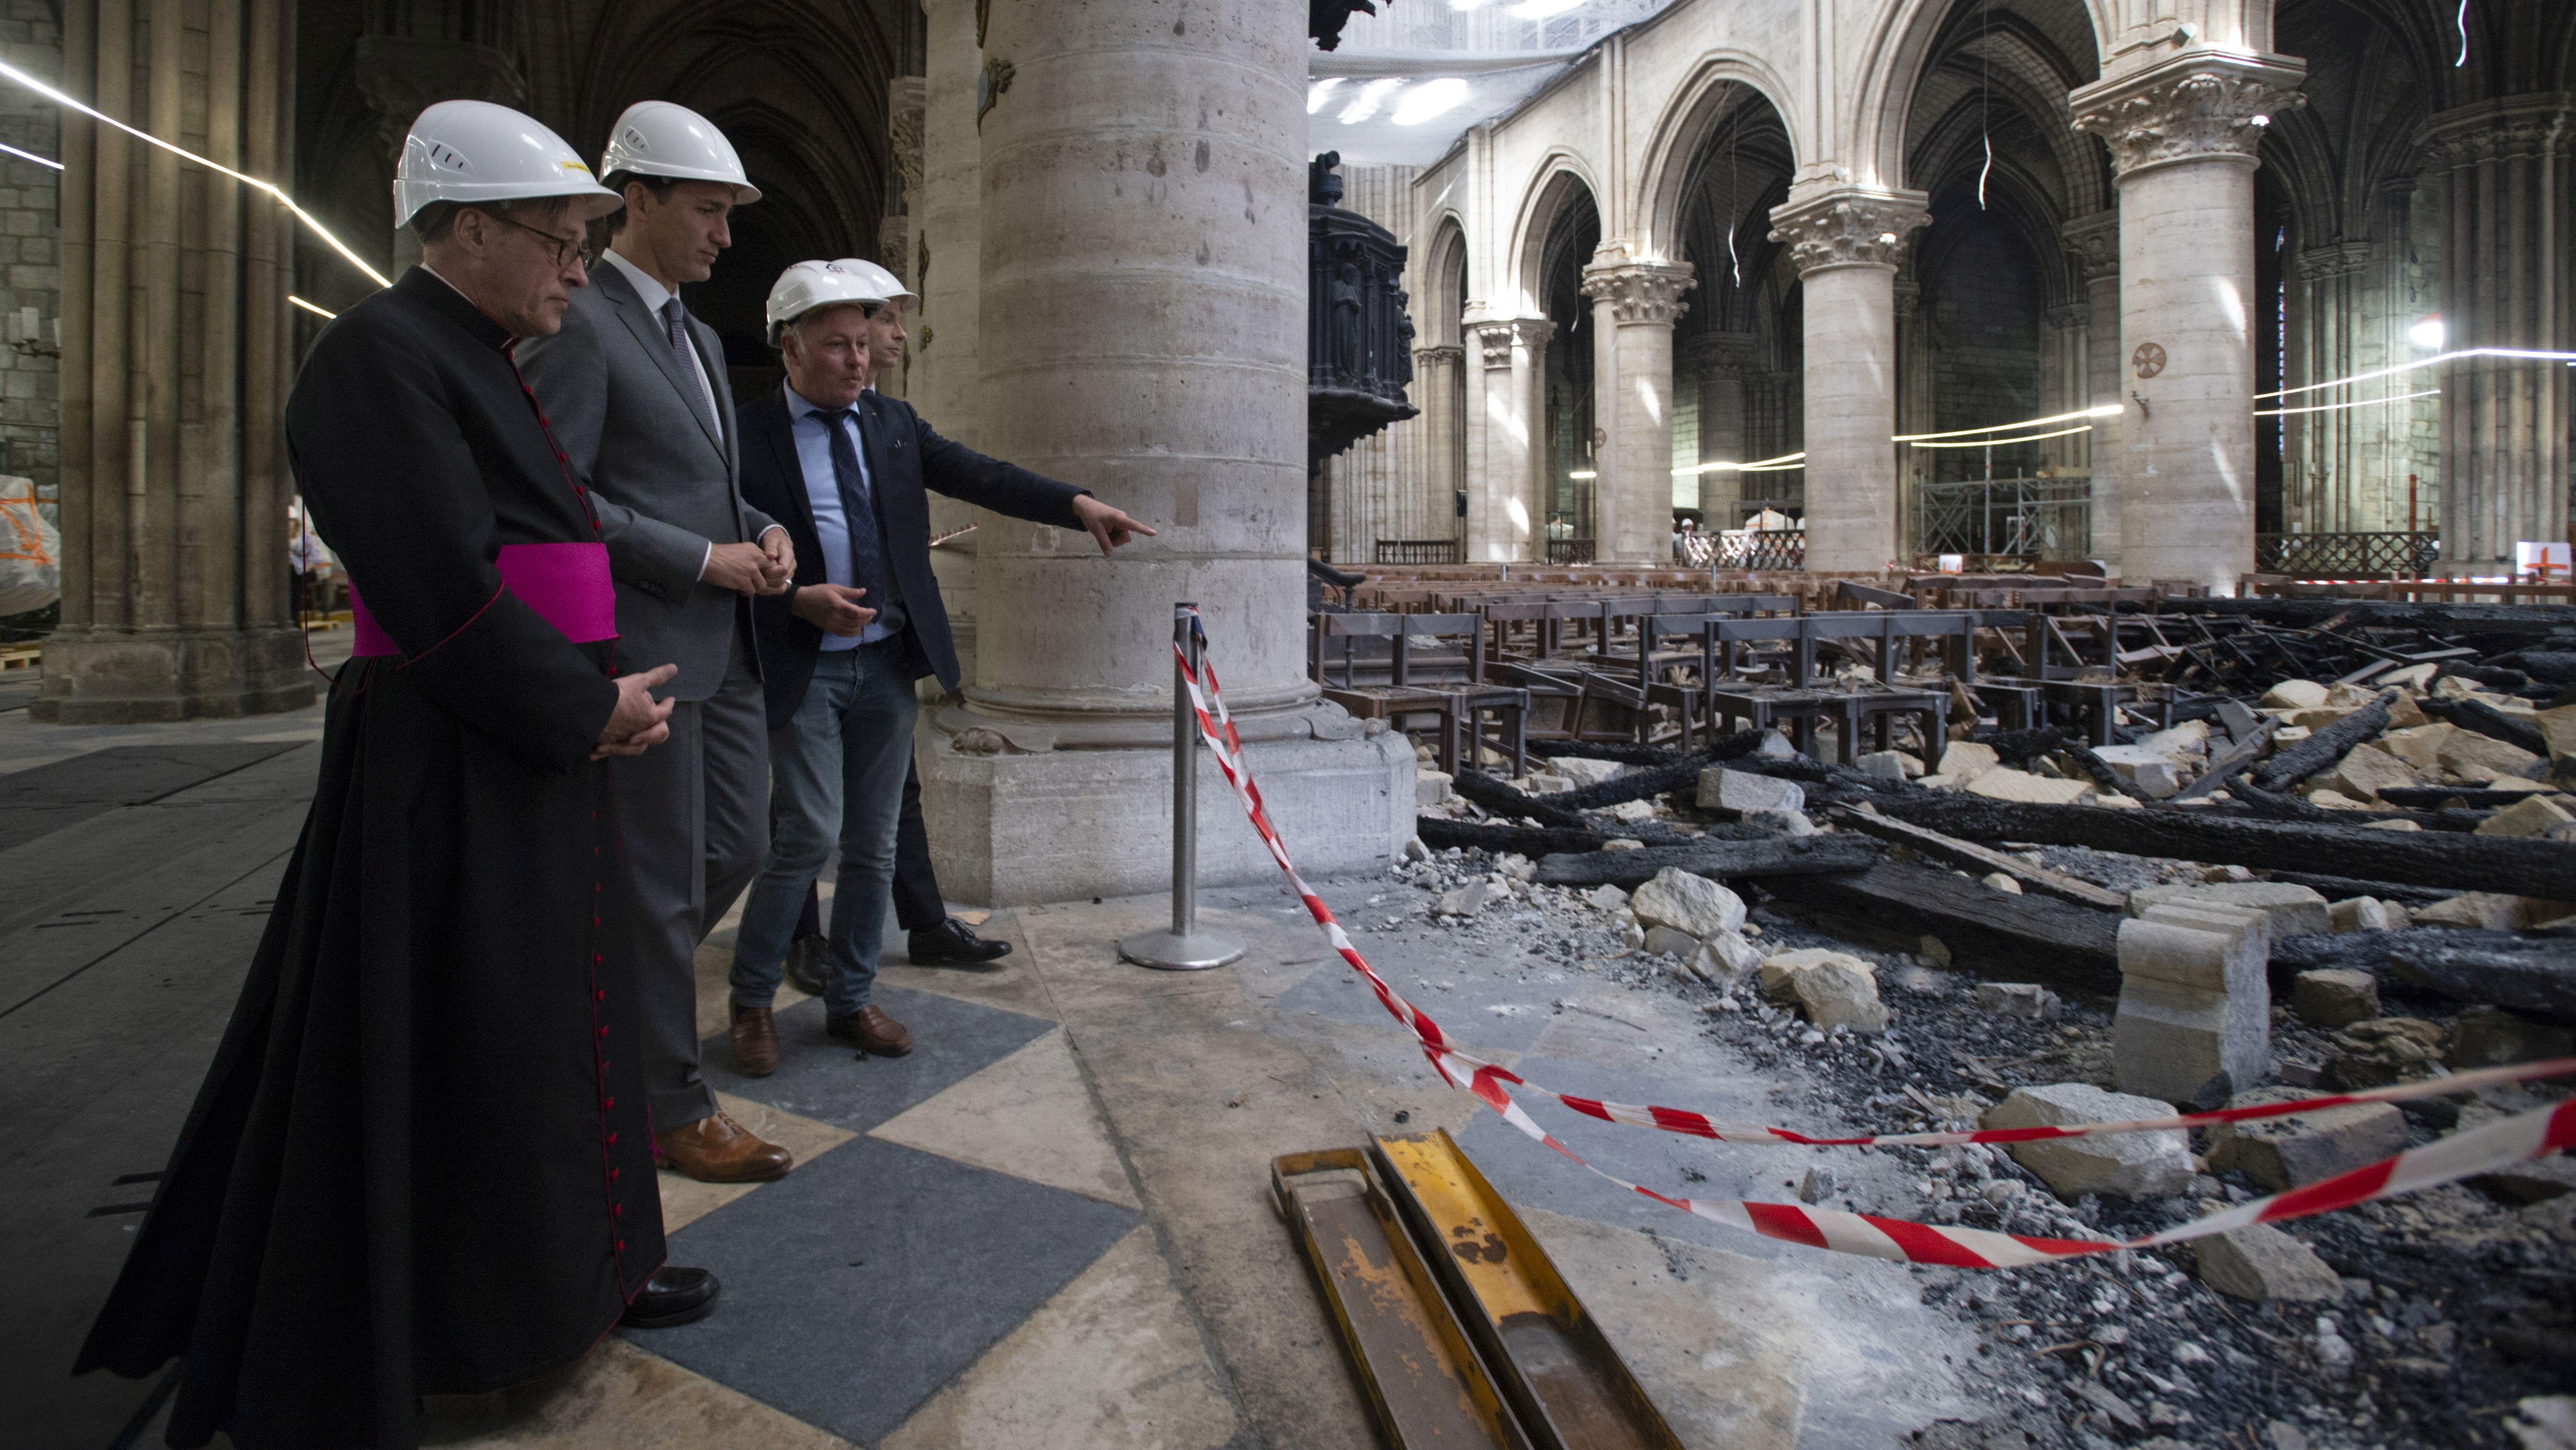 Begutachtung der Schäden im Innern von Notre-Dame.